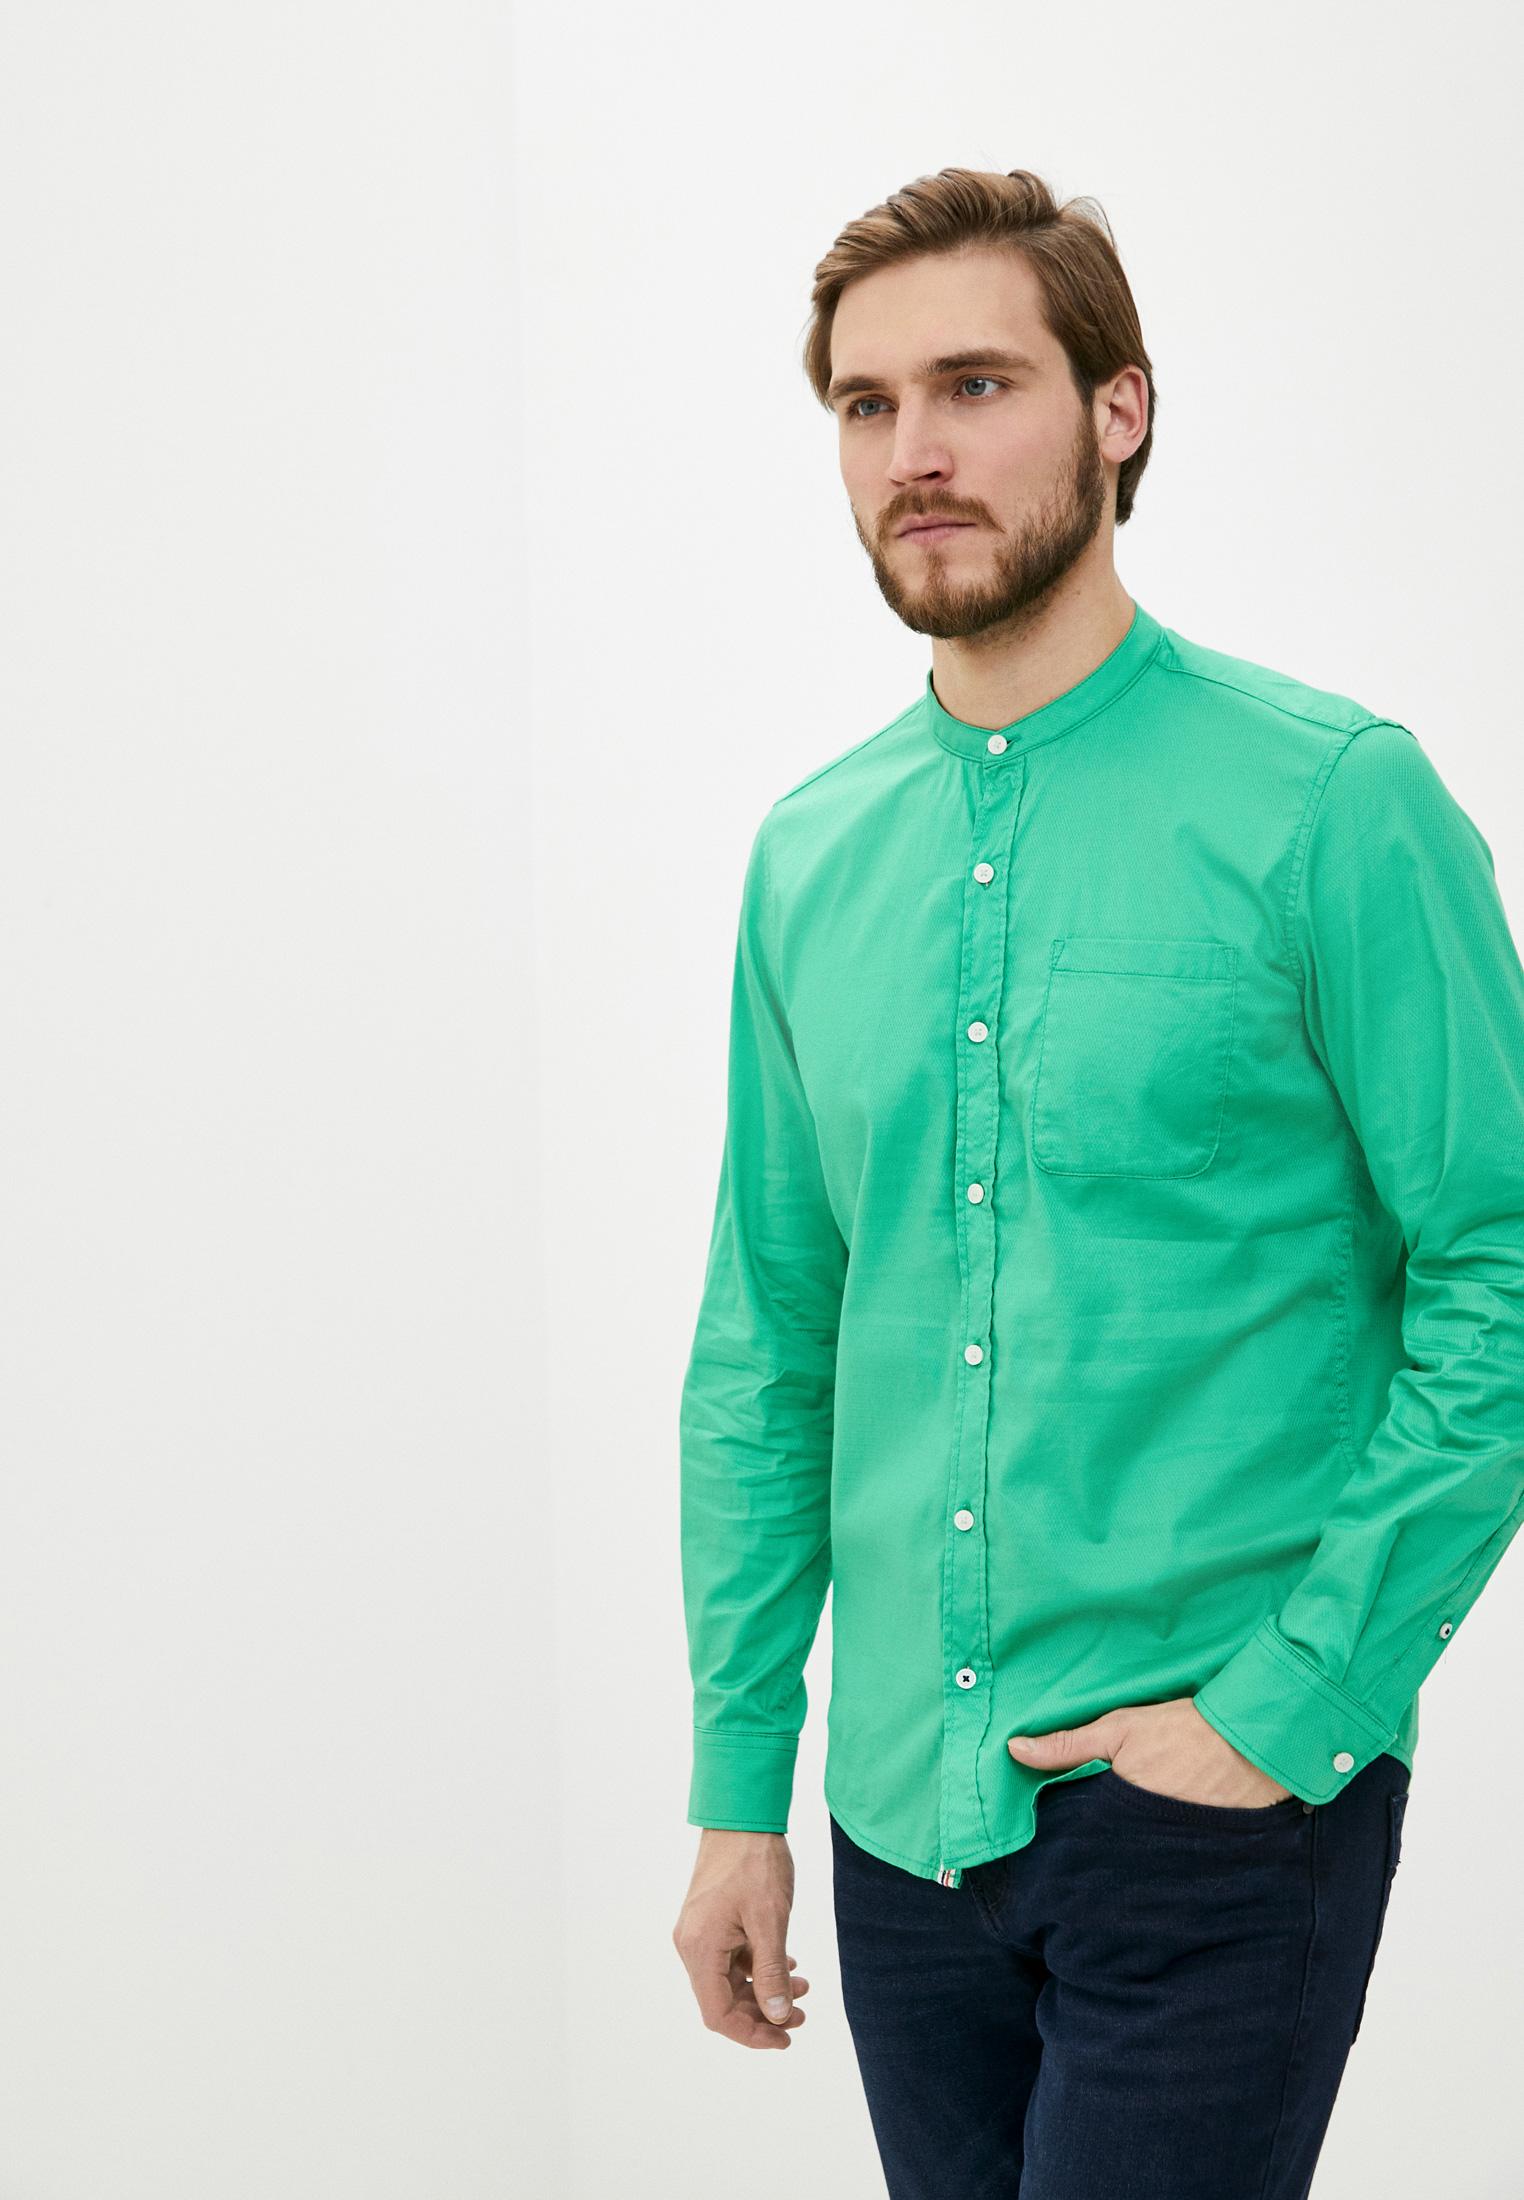 ставку картинки рубашек зеленых прибывшие вызову